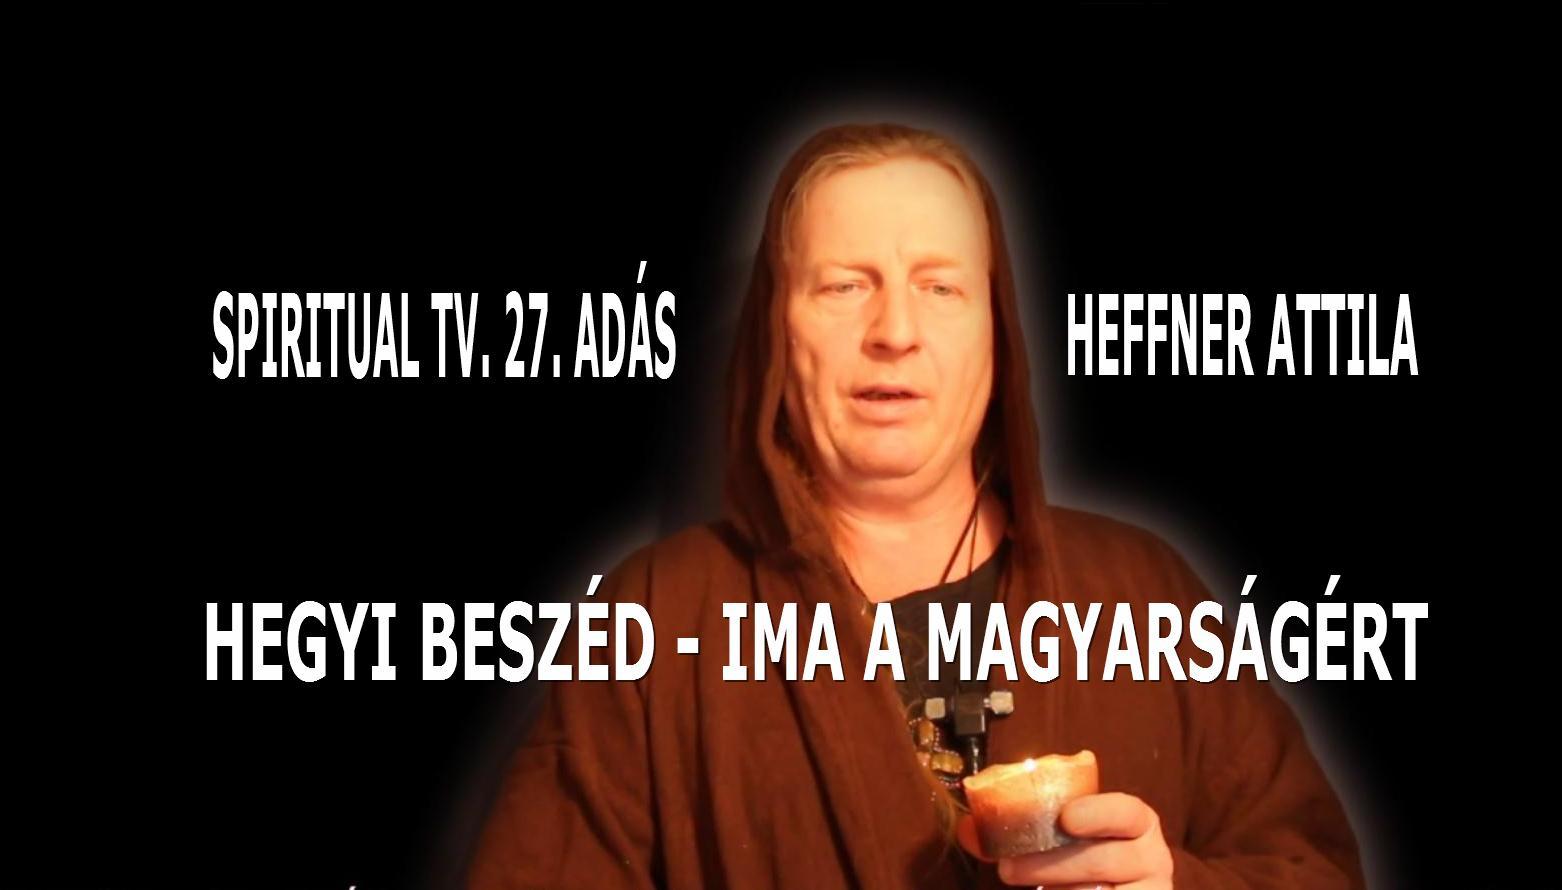 Heffner                 Attila előadása és IMÁJA